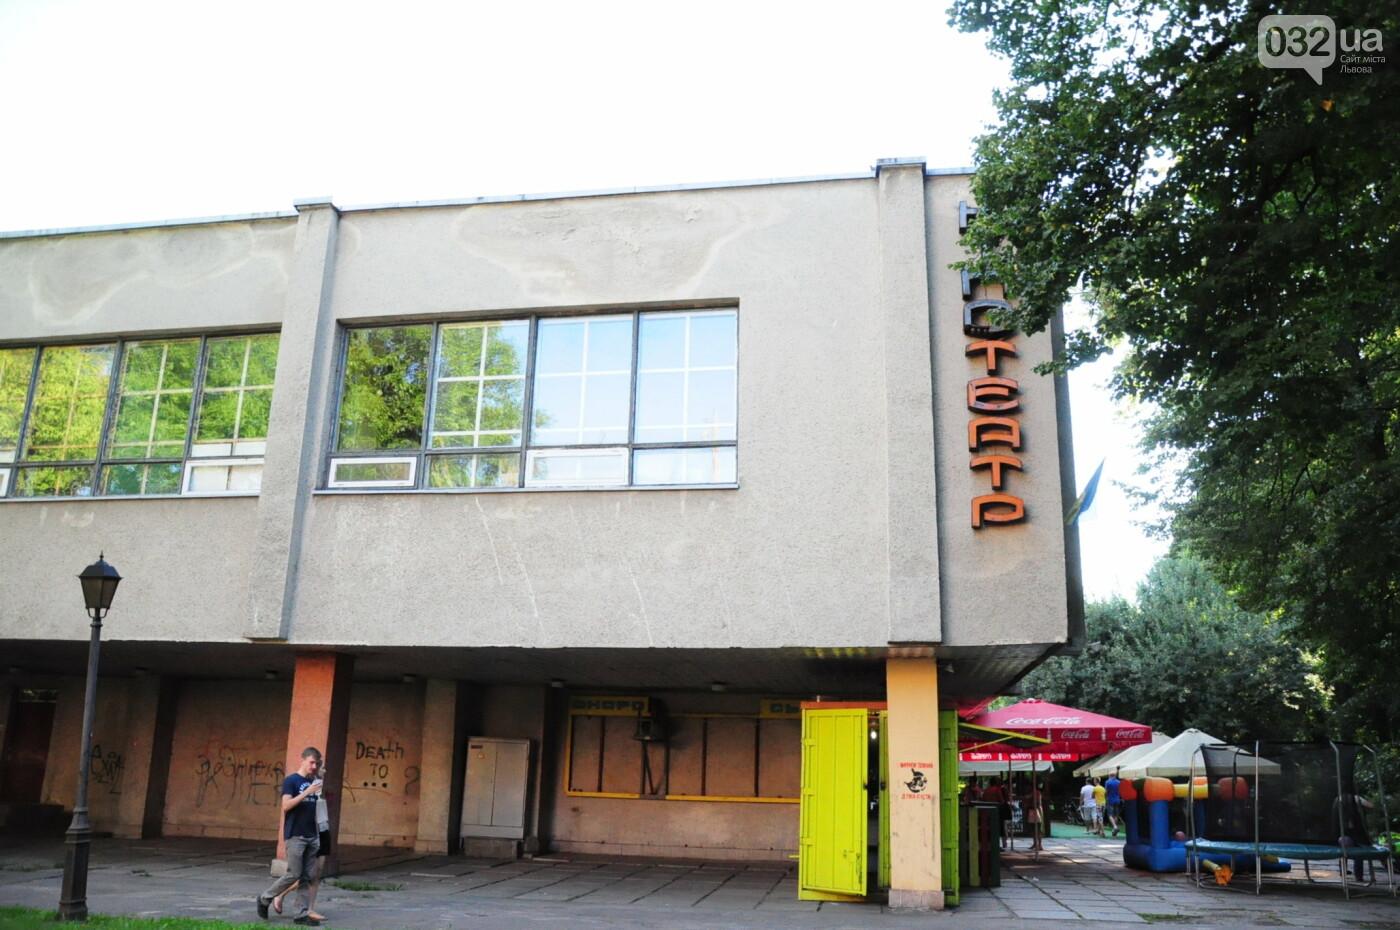 """Кінотеатр """"Львів"""", 2018 рік, архівне фото 032.ua"""